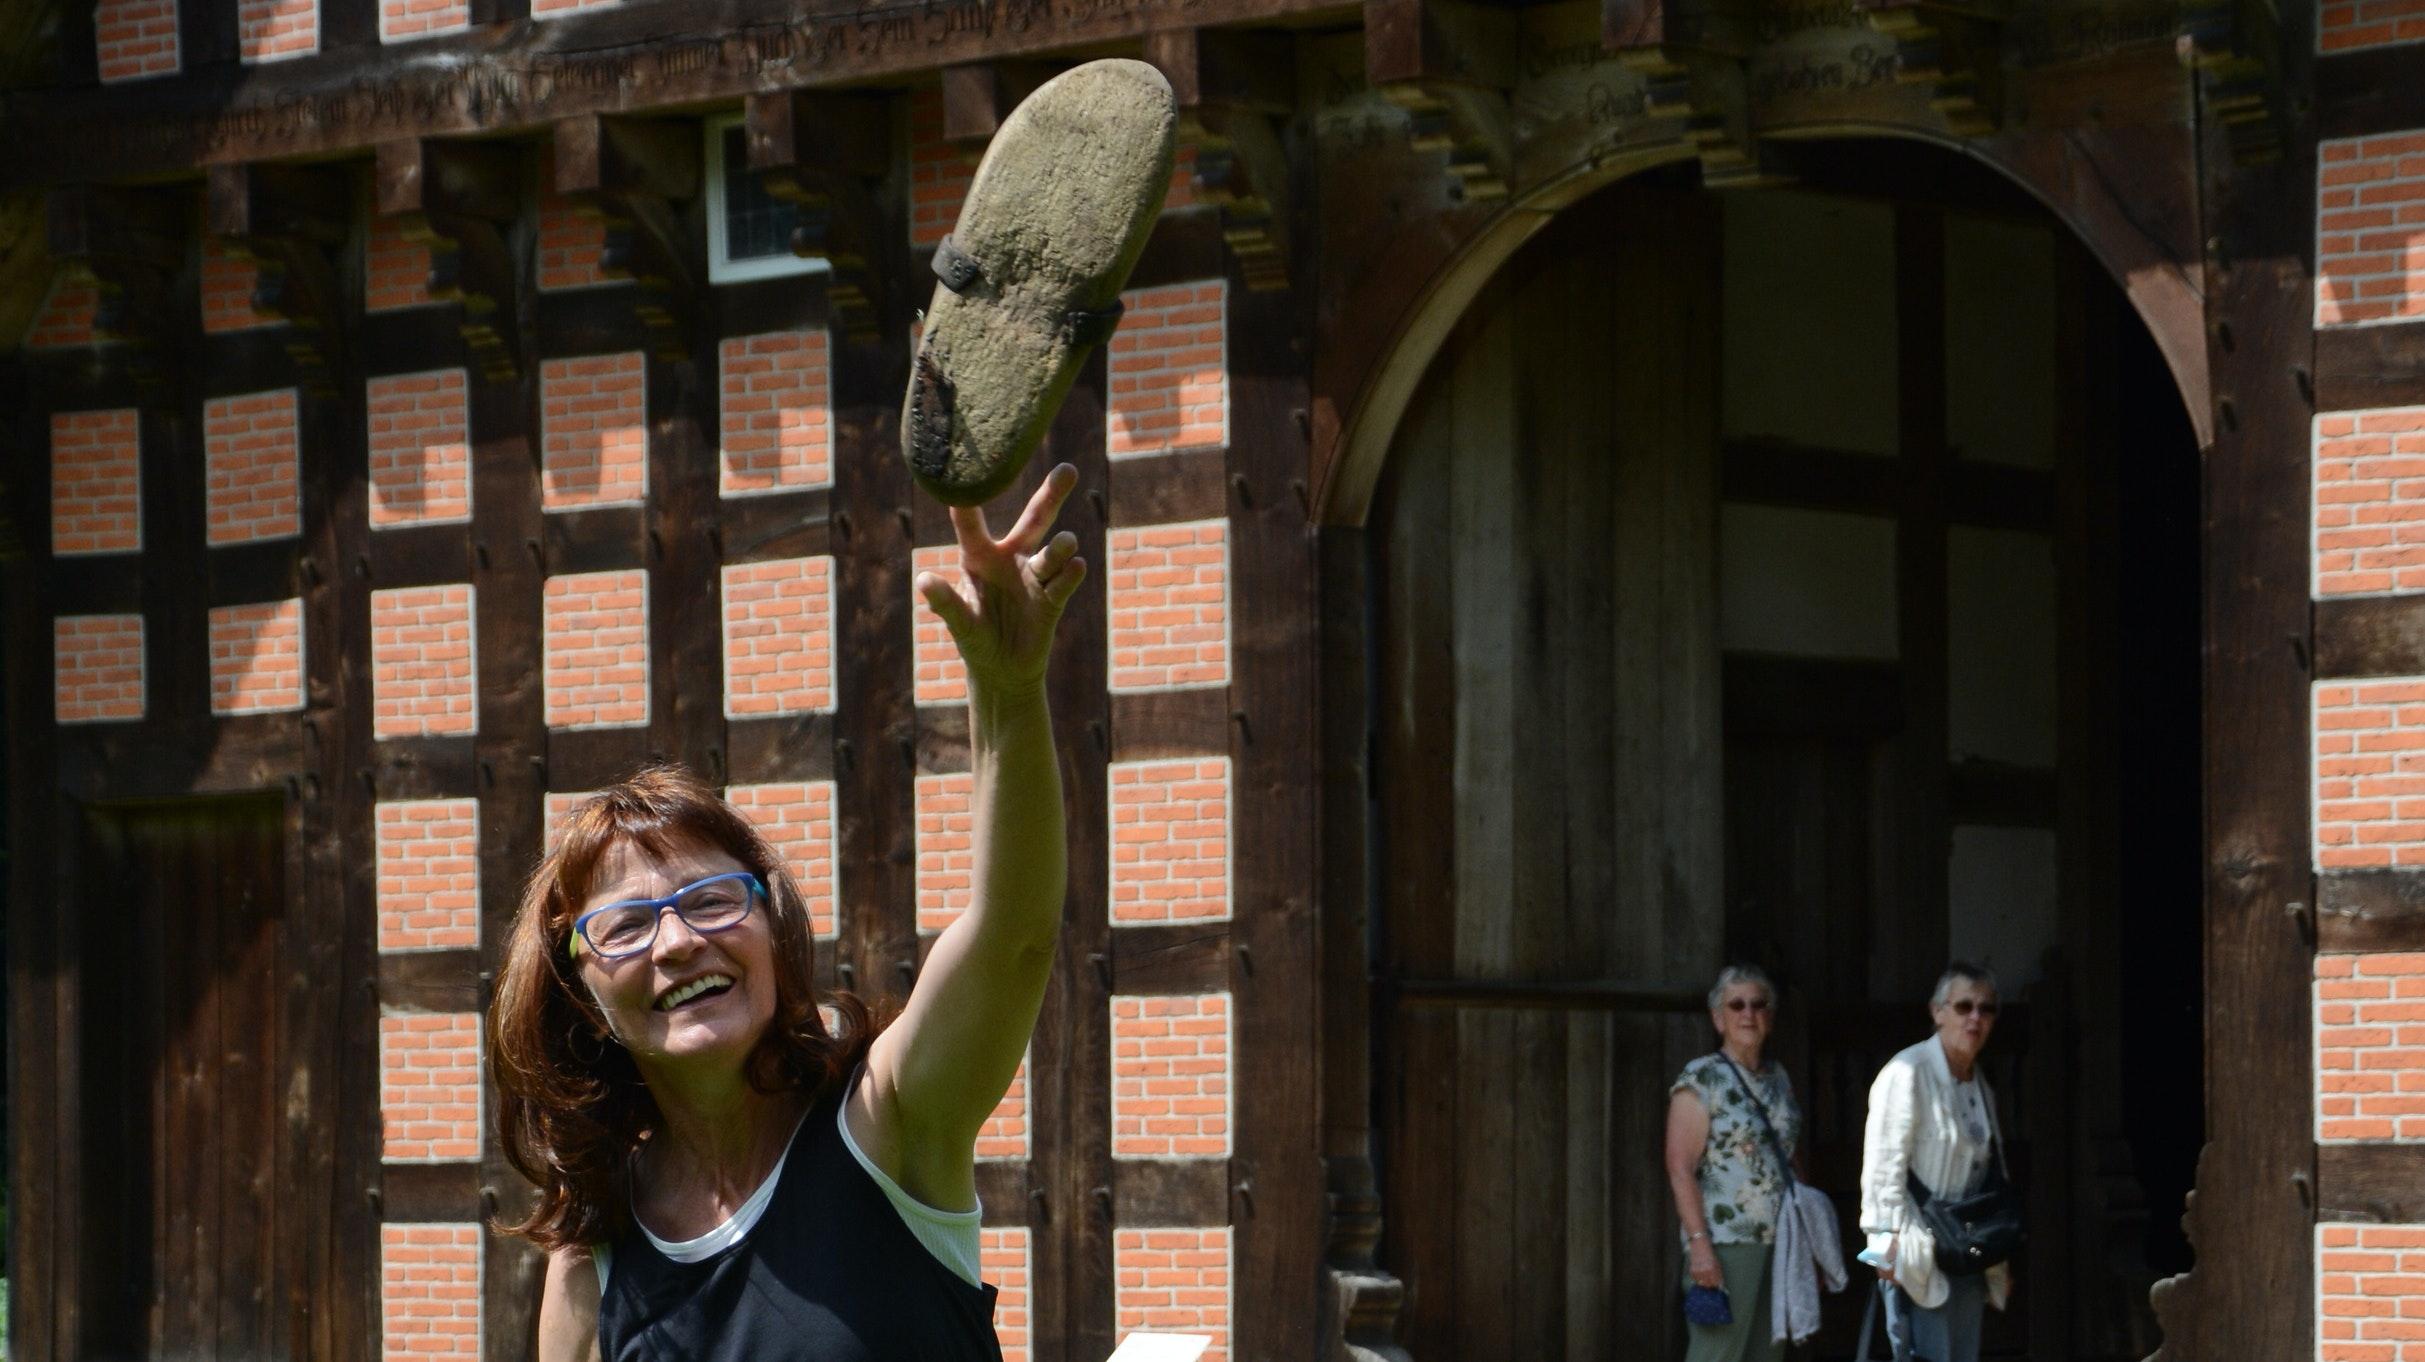 Neues Angebot: Museumspädagogin Maria Thien zeigt mit ihren Kolleginnen verschiedene Aktionen aus der füheren Alltagskultur, unter anderem Spiele wie das Holzschuhwerfen. Foto: Hermes